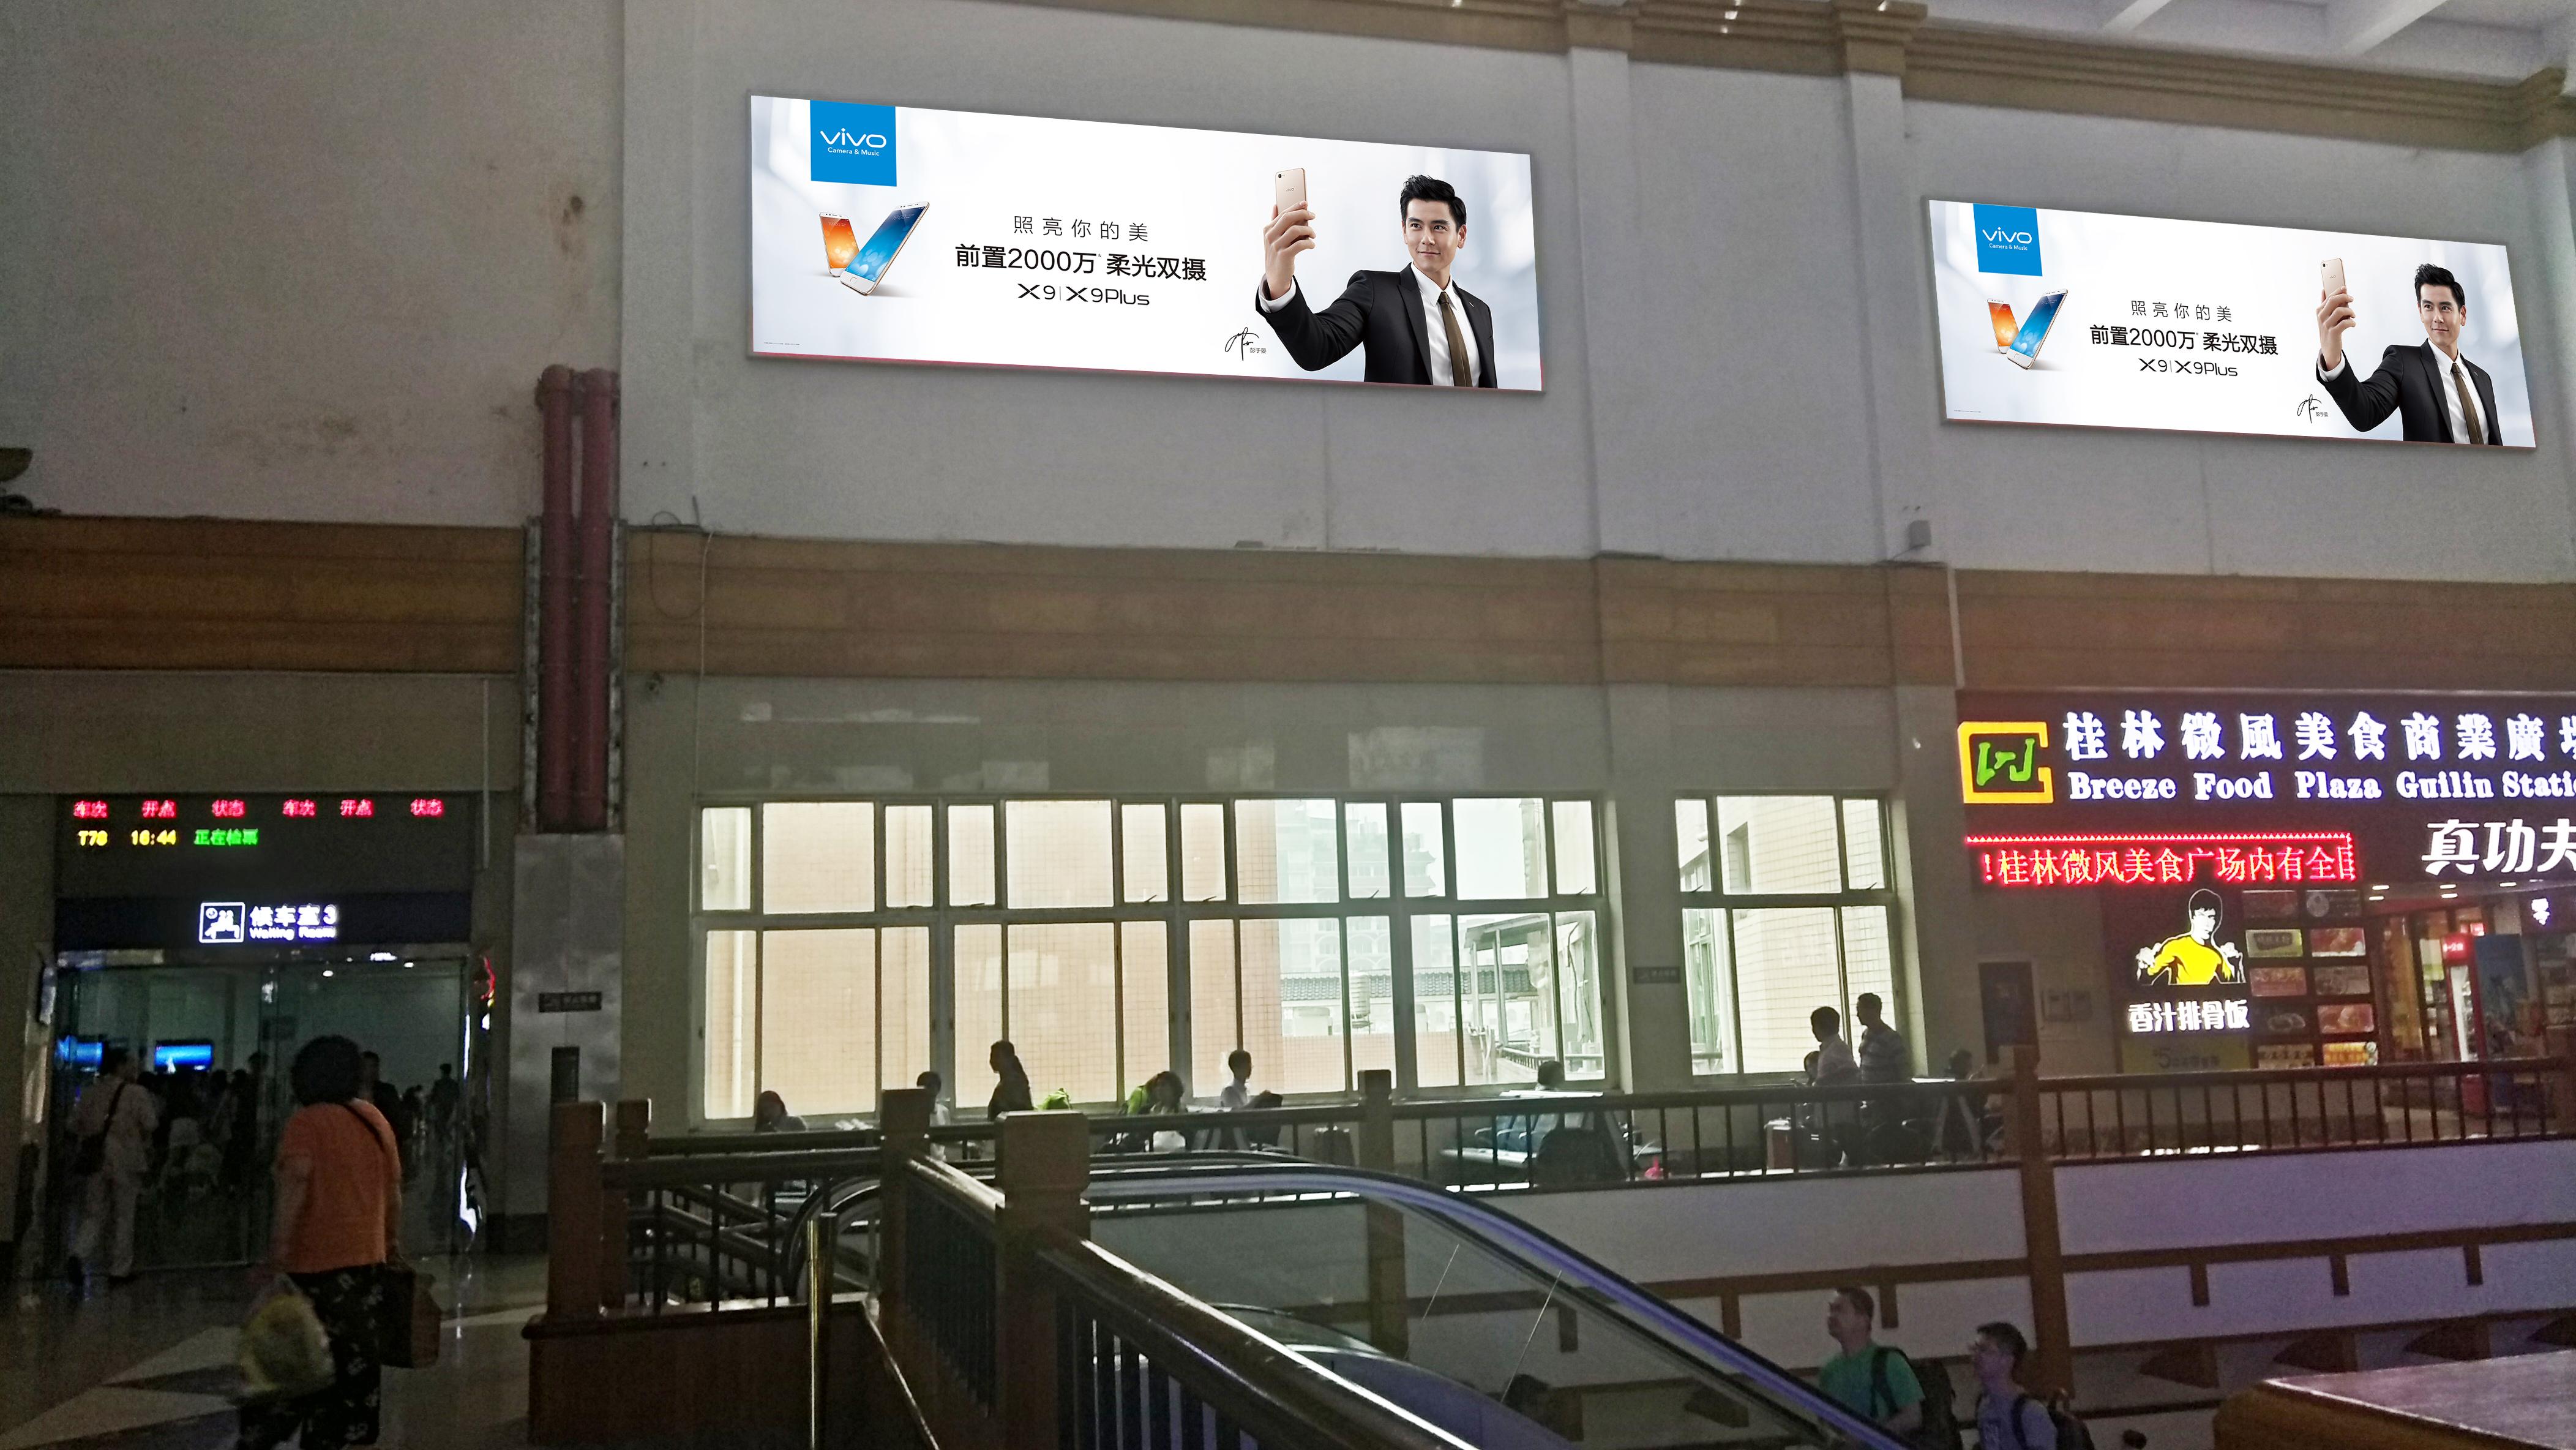 广西桂林市桂林北站火车站高铁站候车大厅灯箱媒体广告位